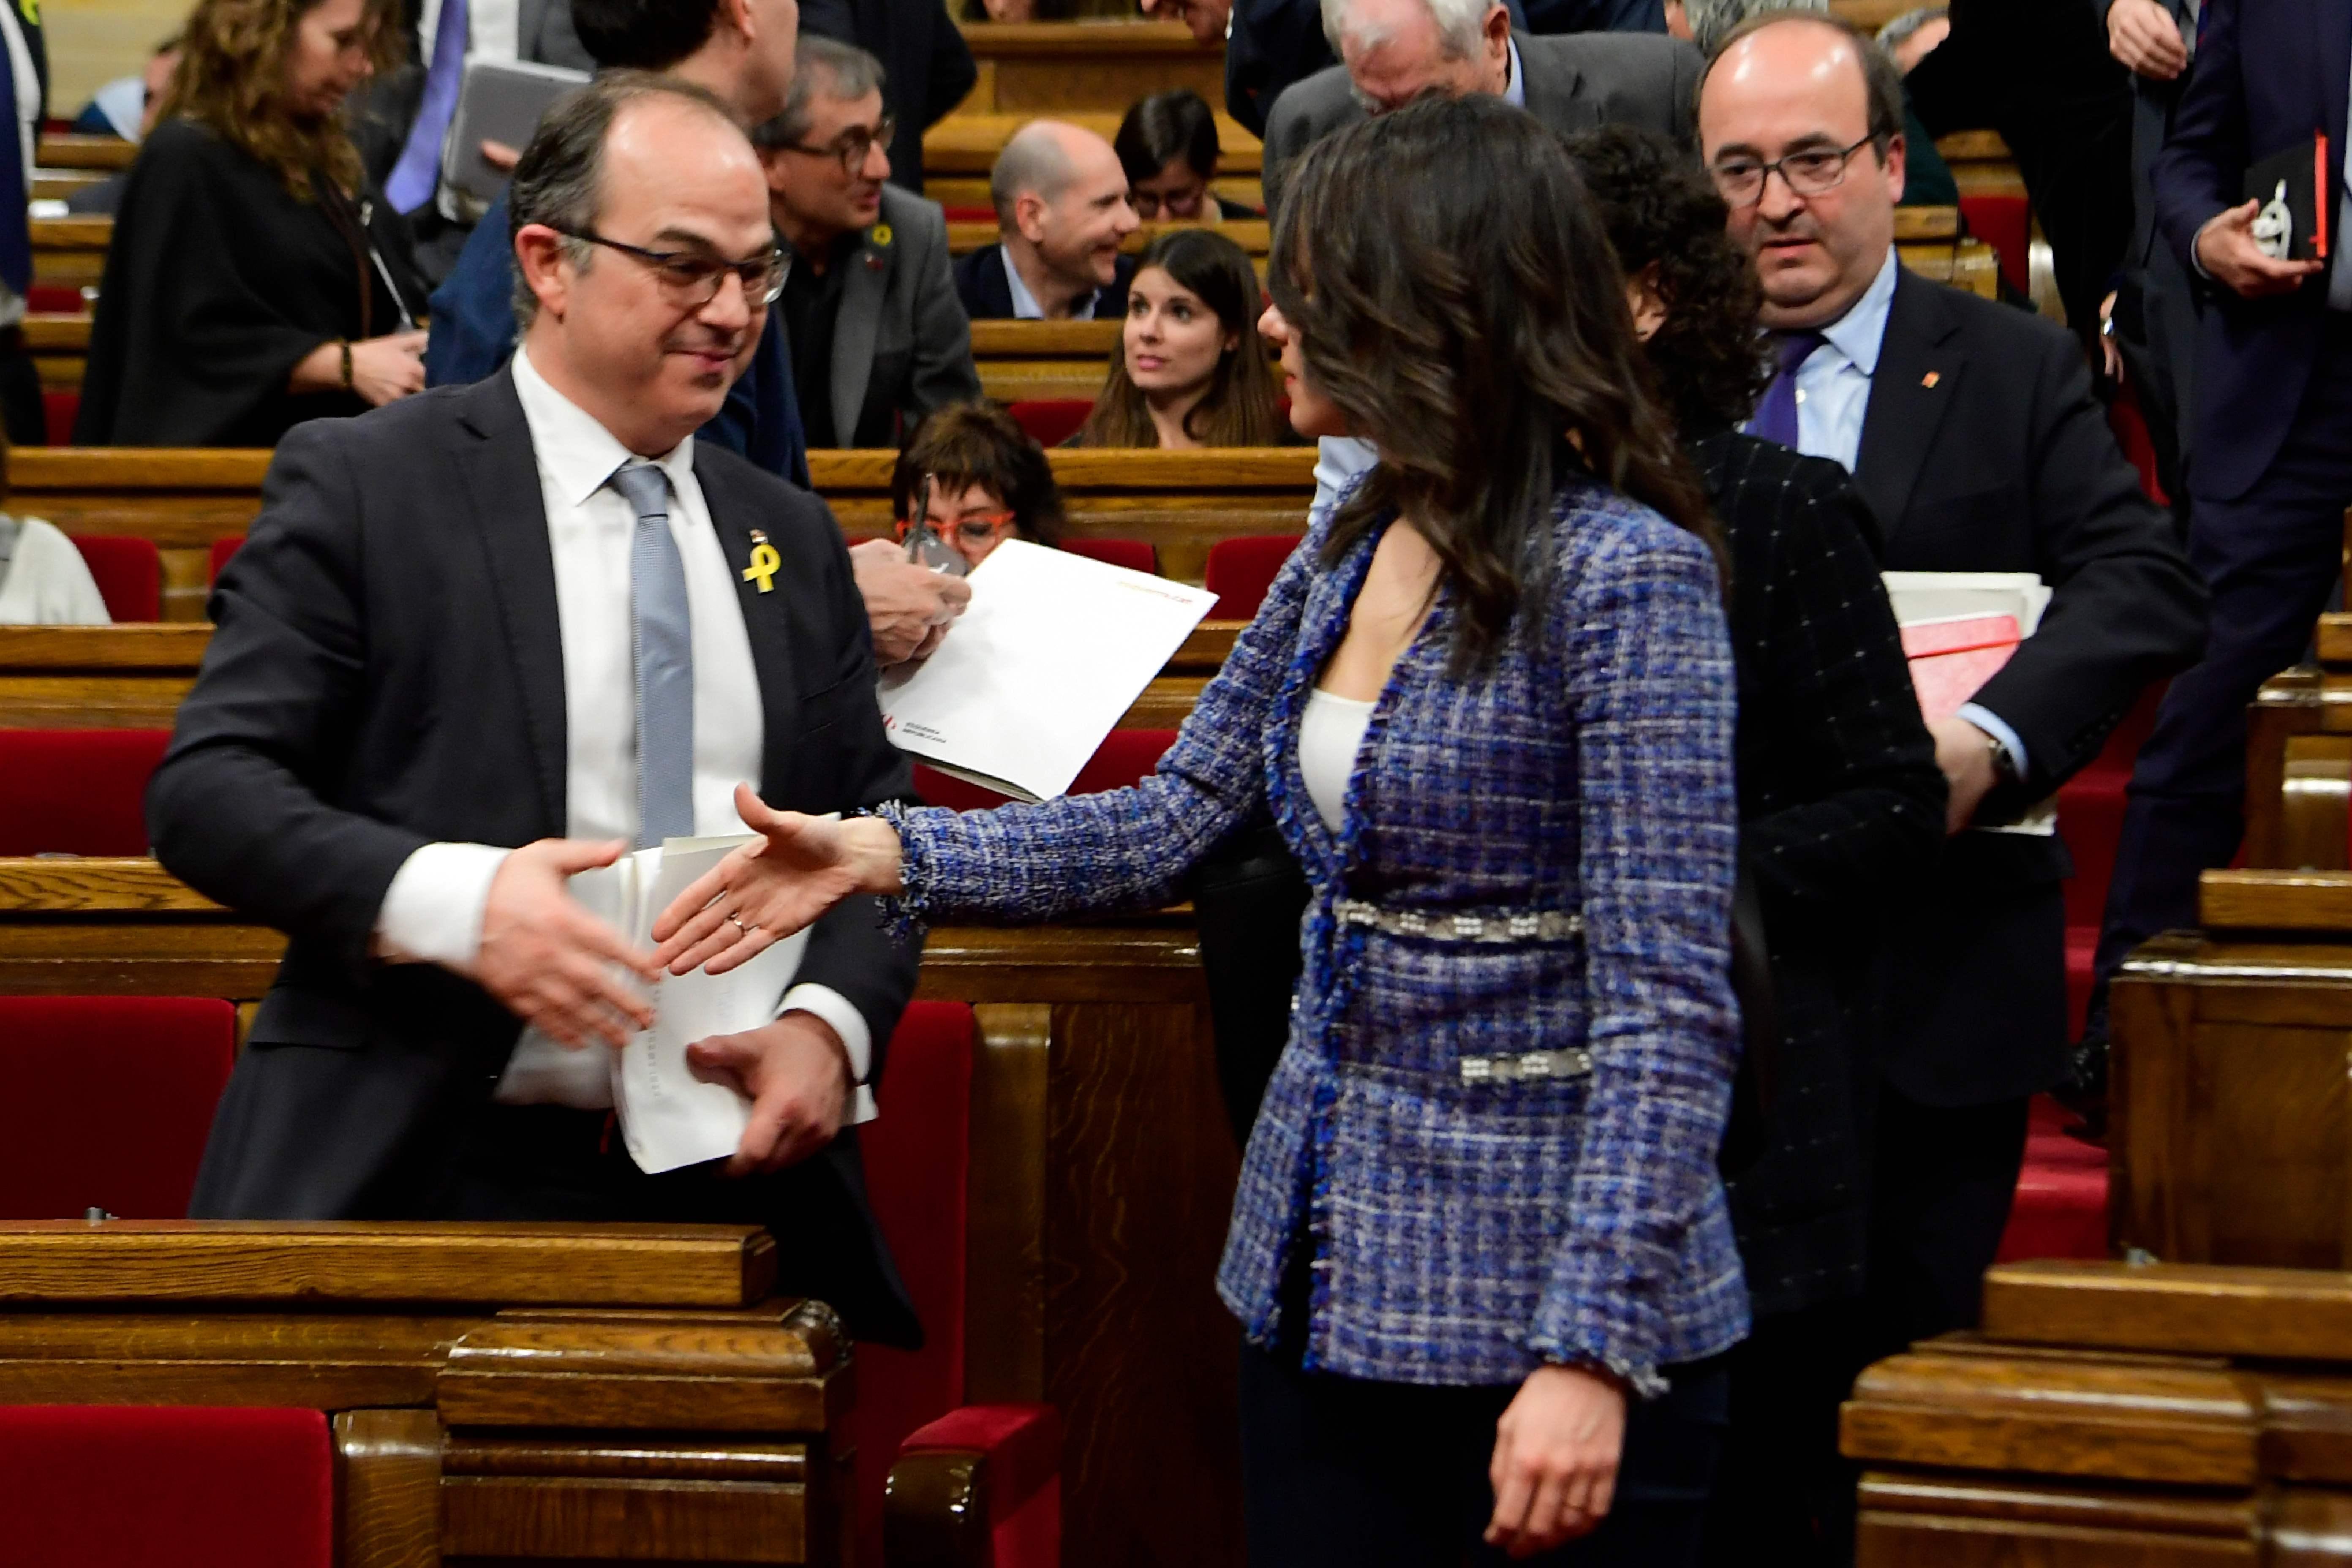 نائبة تصافح نائب فى برلمان كتالونيا